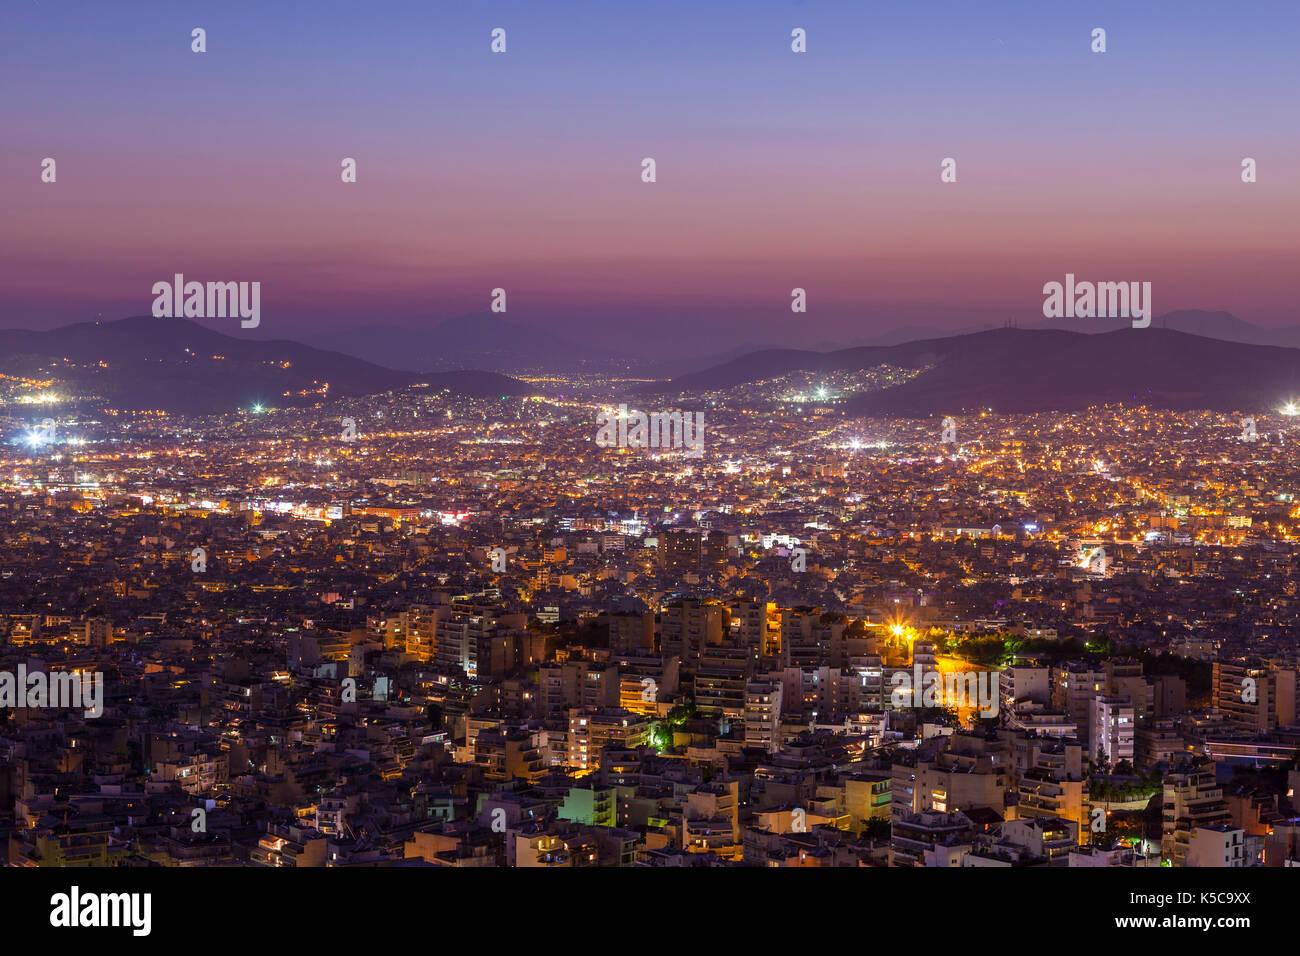 Vista panorámica de Atenas, Grecia, justo después del atardecer. Imagen De Stock